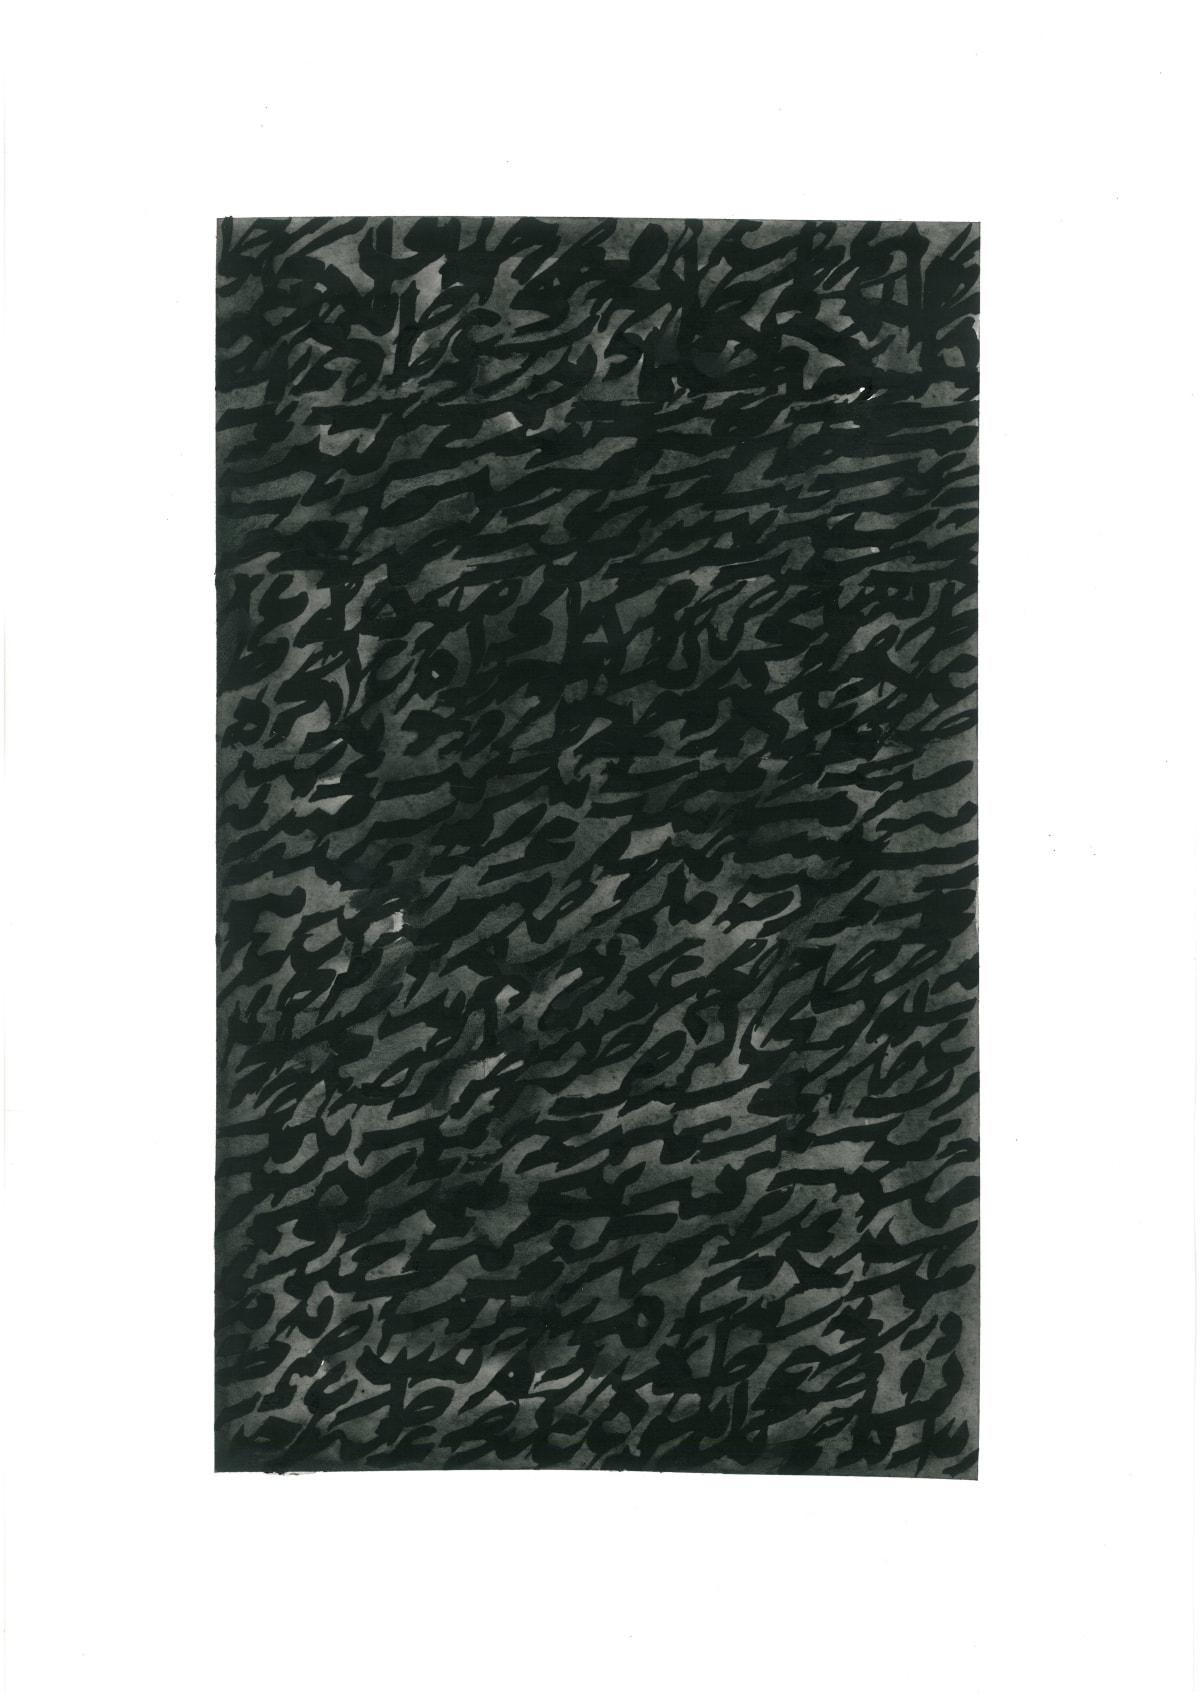 Mohammad Ali Talpur Untitled (Alif Series, 10), 2020 Ink on paper 42 x 29 cm 16 1/2 x 11 7/16 in